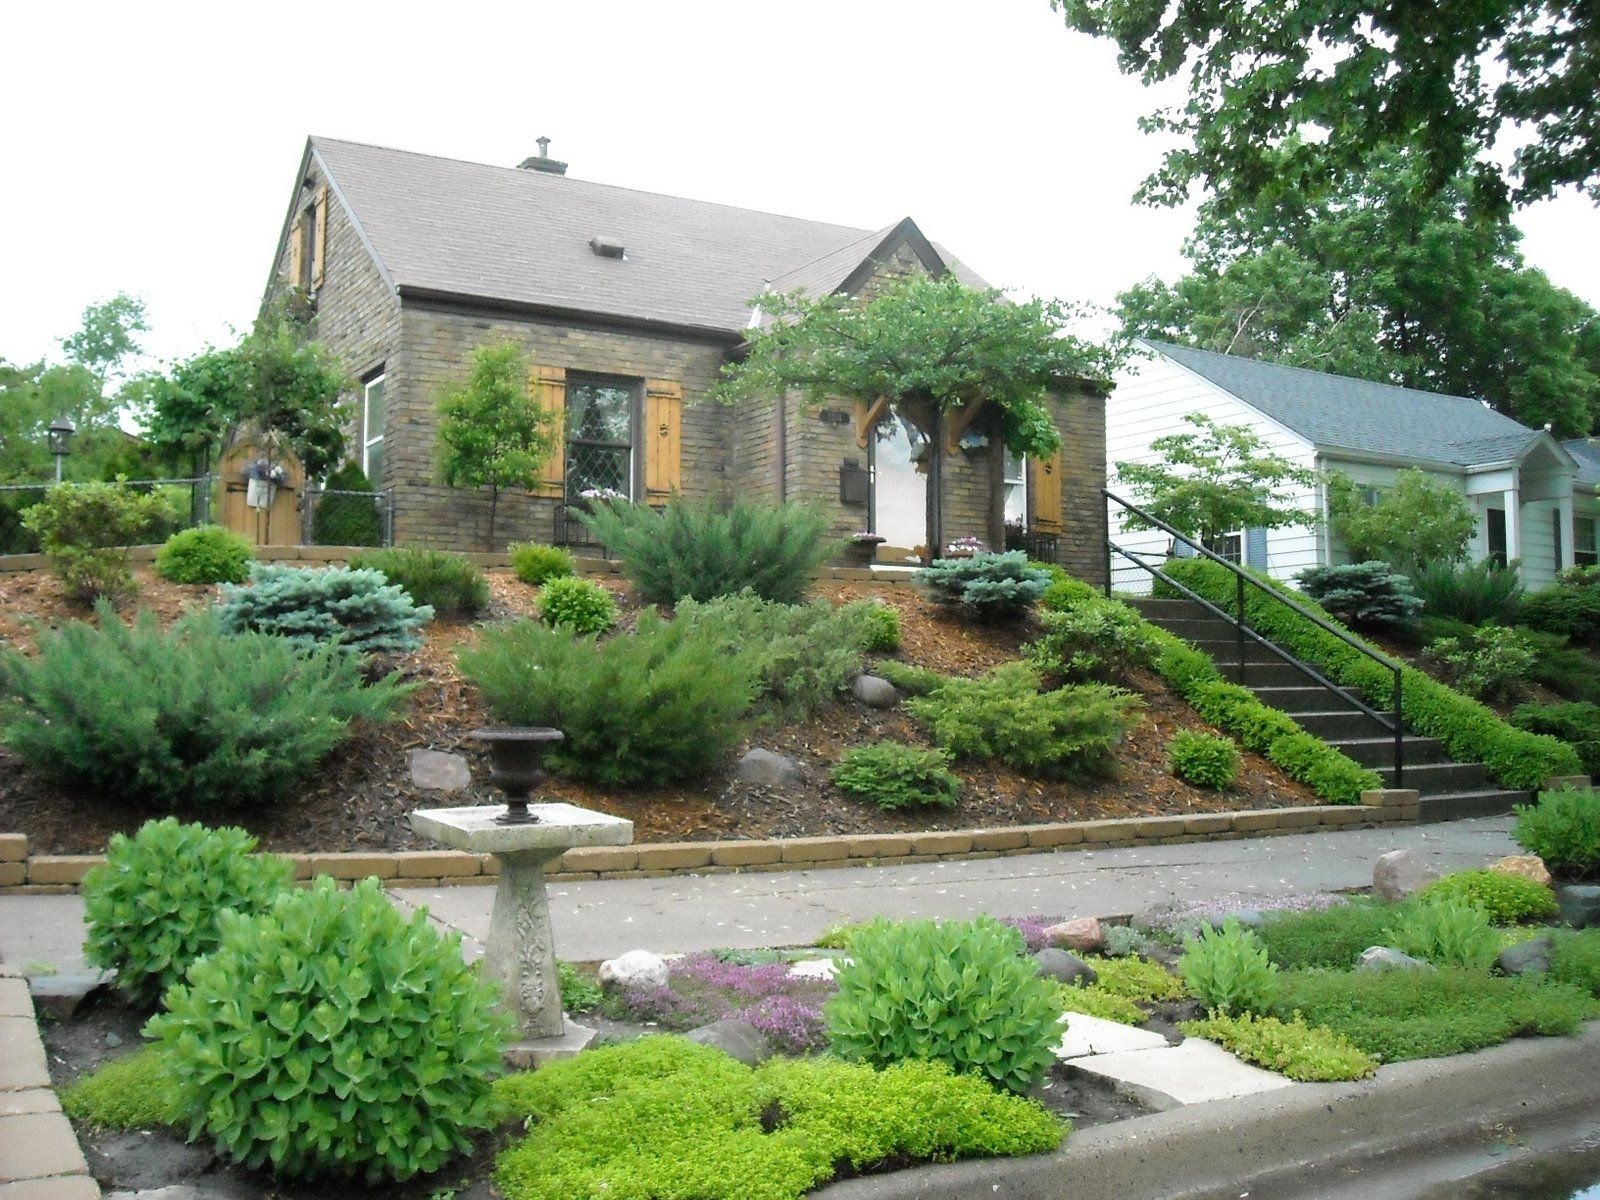 Landscape ideas for sloped front yard - Landscape Sloped Back Yard Landscaping Ideas Backyard Slope